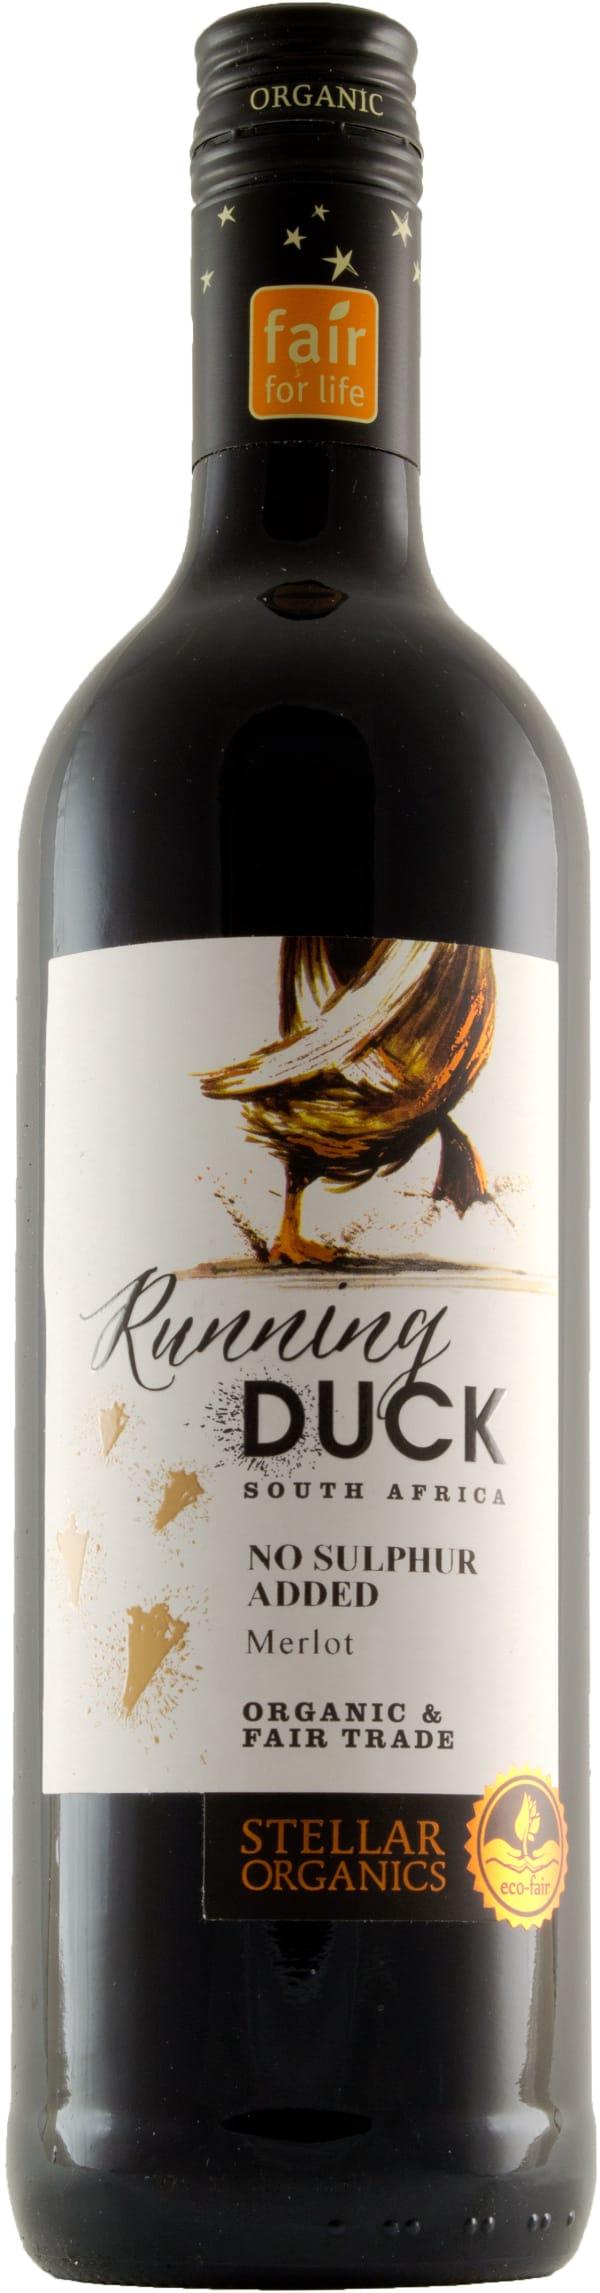 Running Duck Merlot 2019